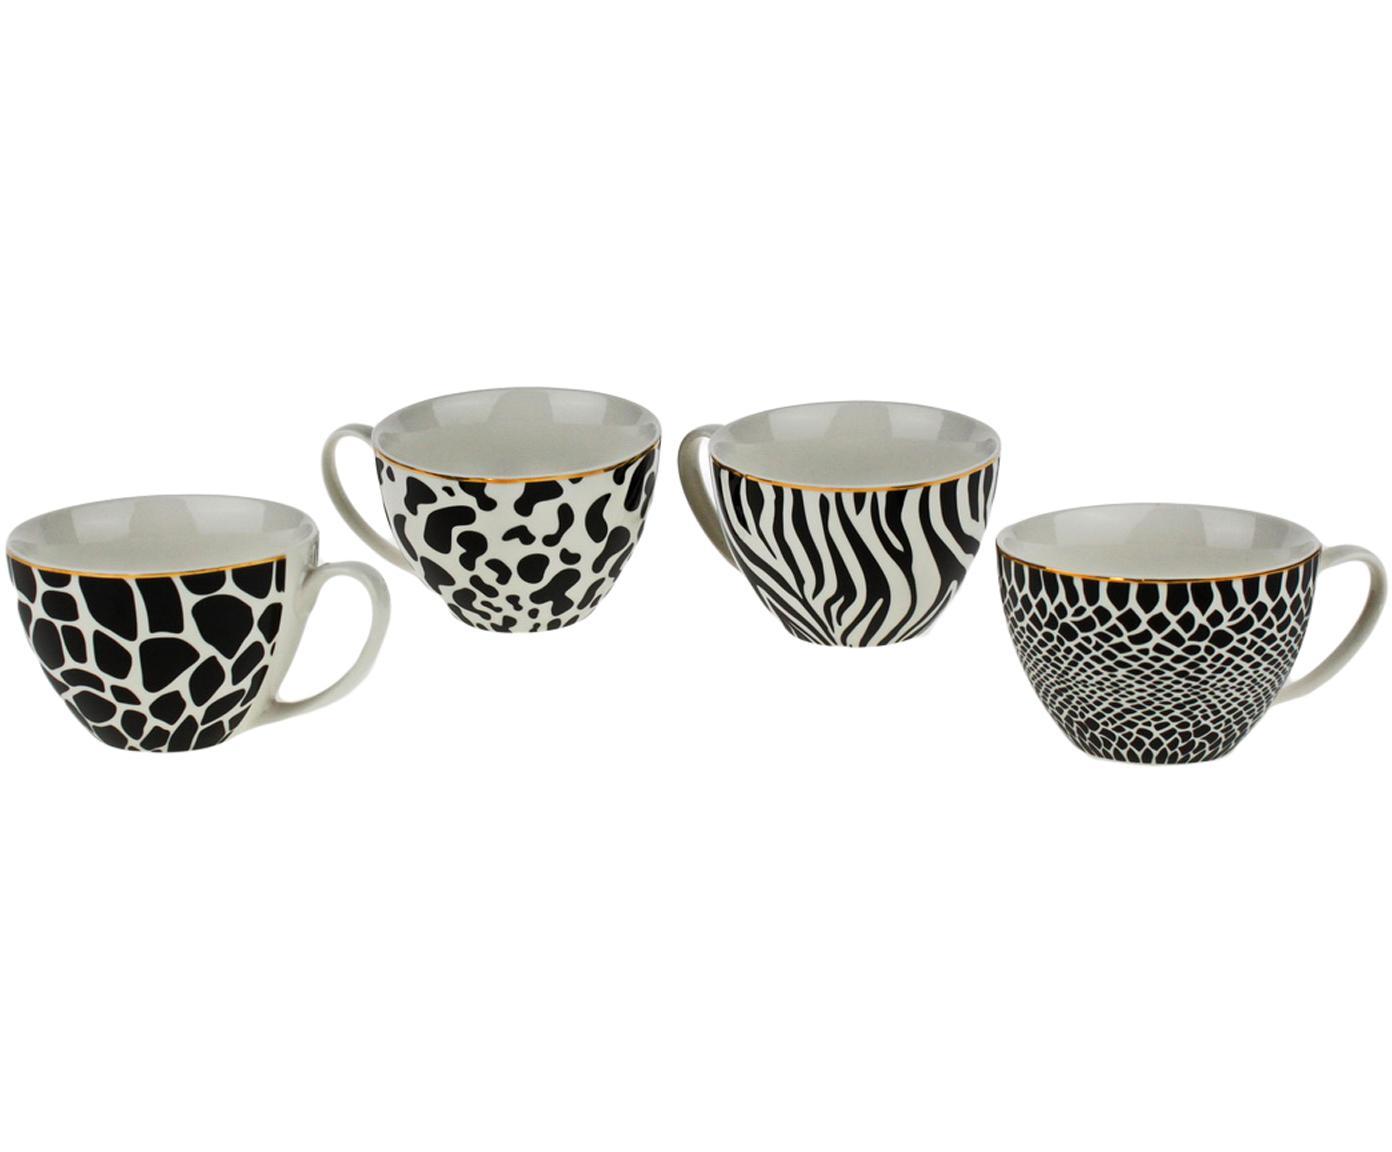 Komplet kubków Wild Jungle, 4 elem., Porcelana, Czarny, biały, Ø 12 x W 8 cm